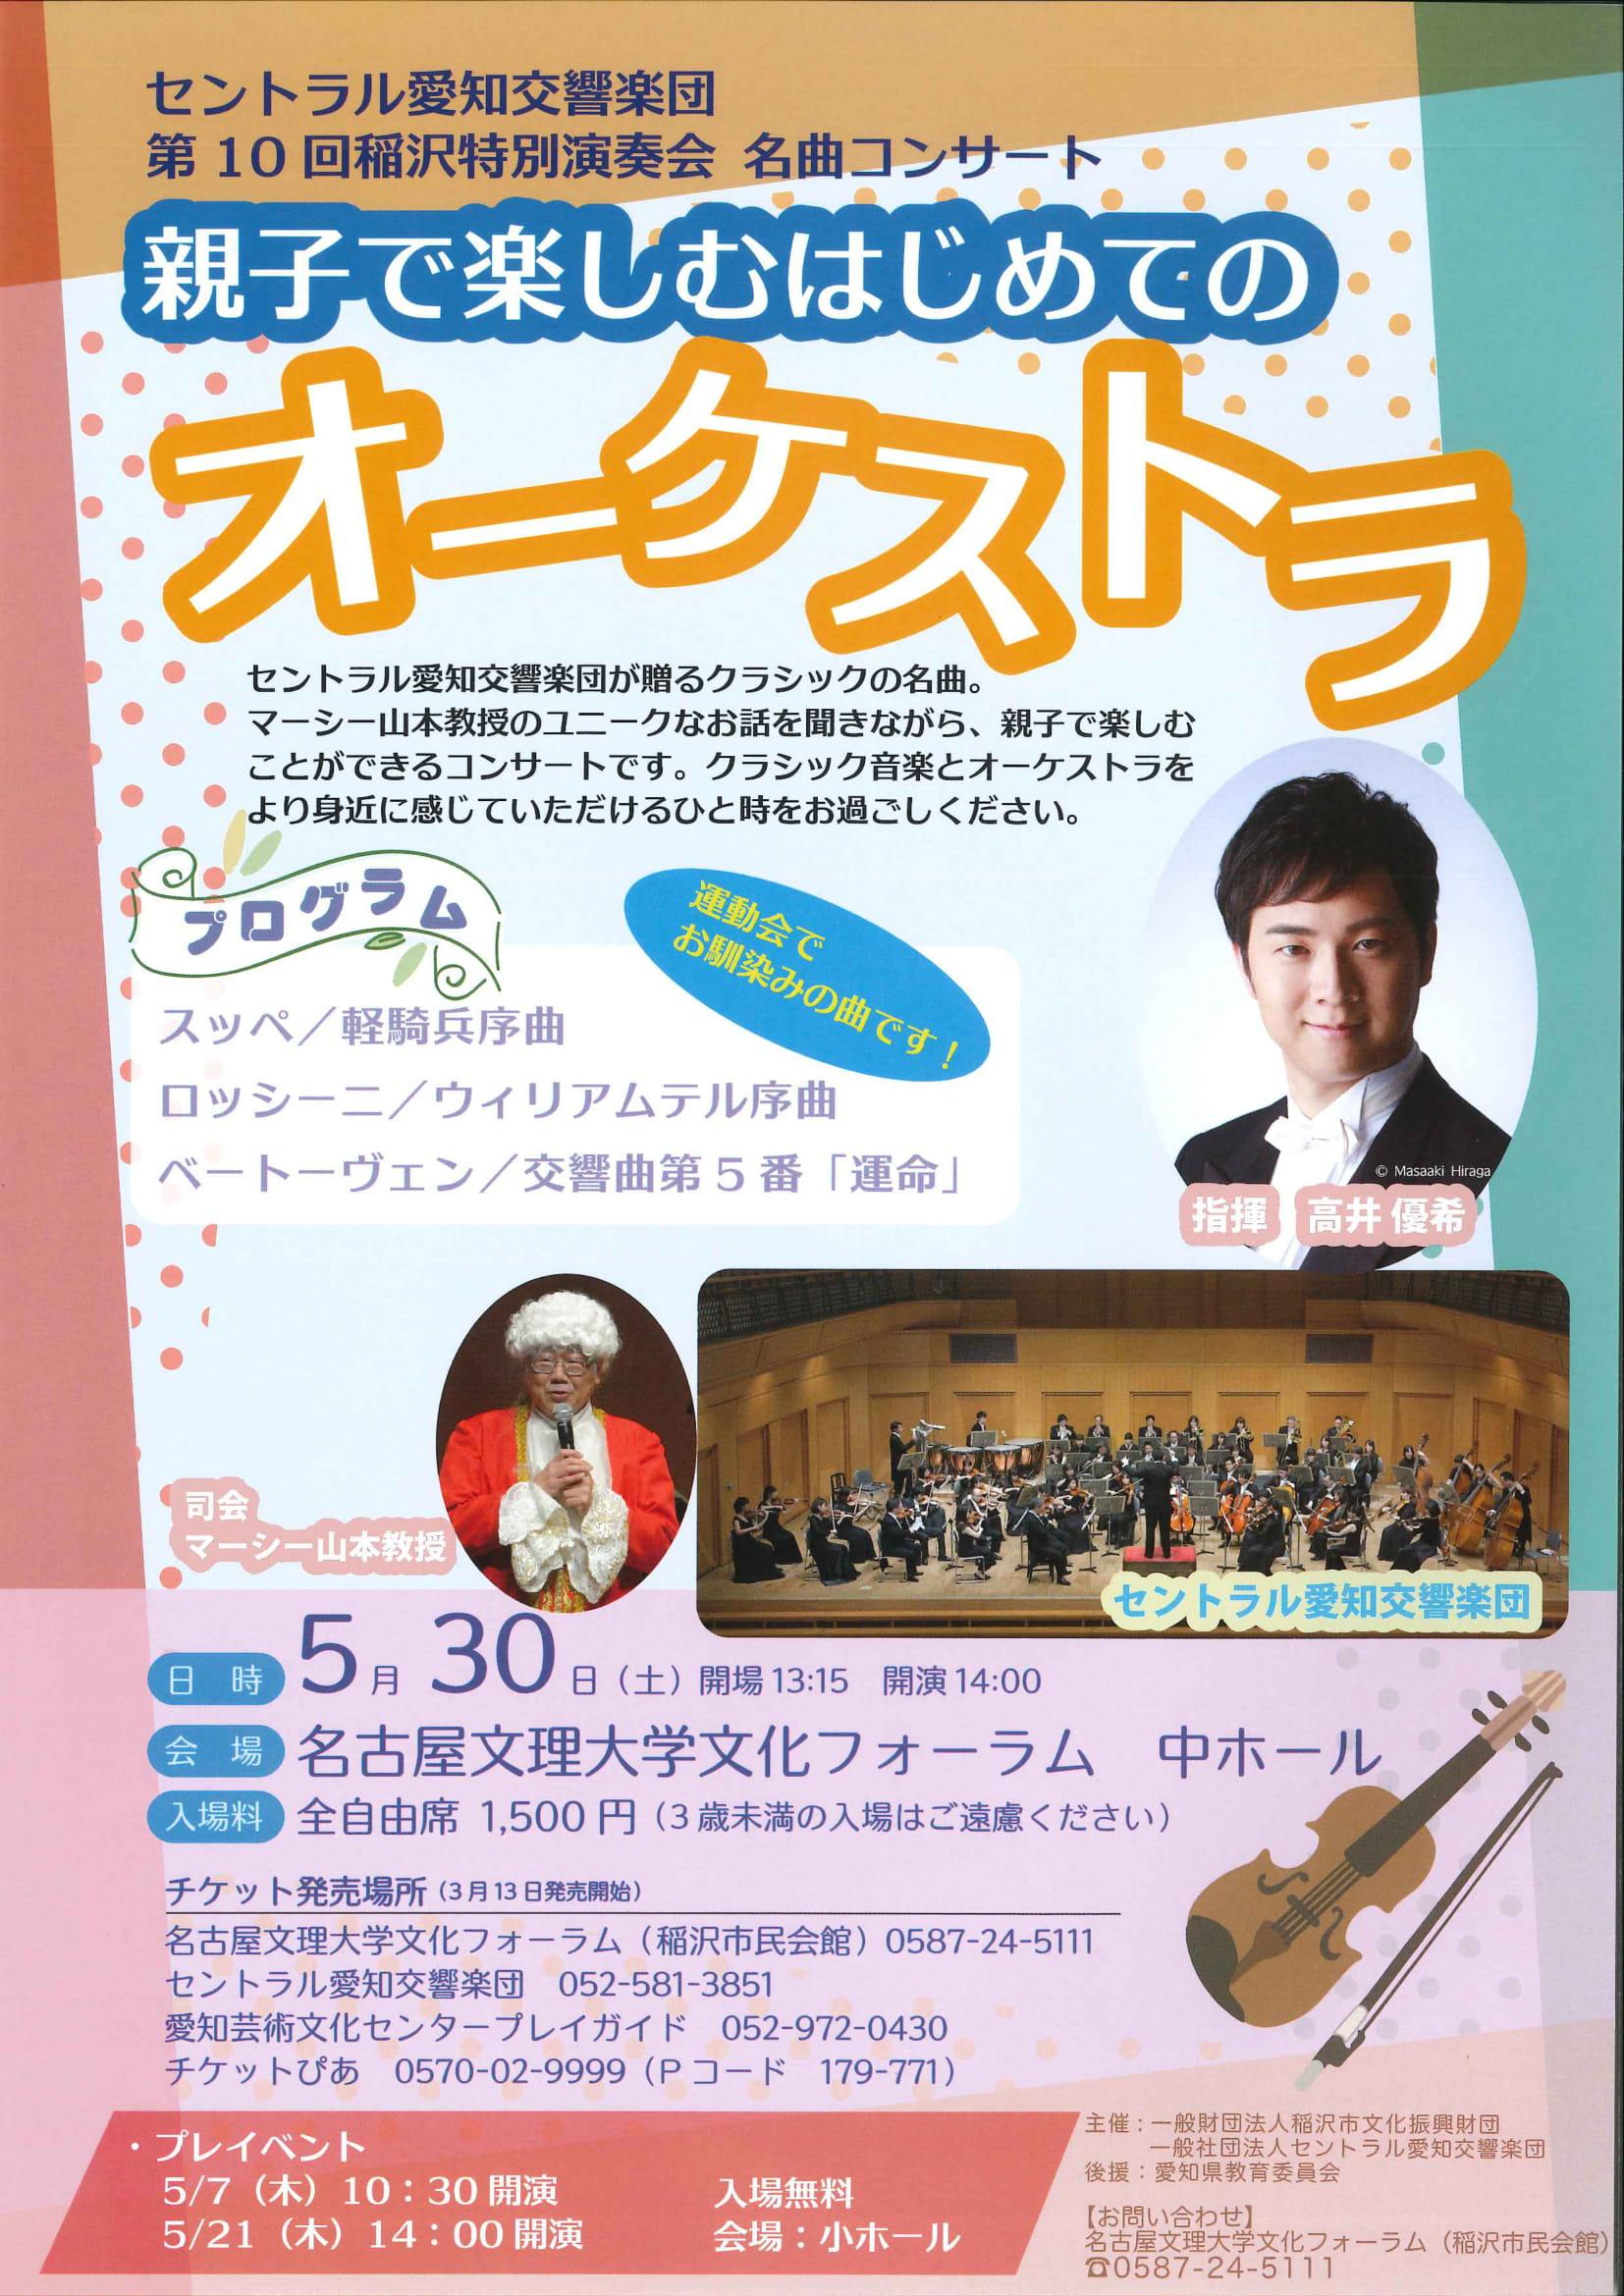 第10回稲沢特別演奏会 名曲コンサート 親子で楽しむはじめてのオーケストラ